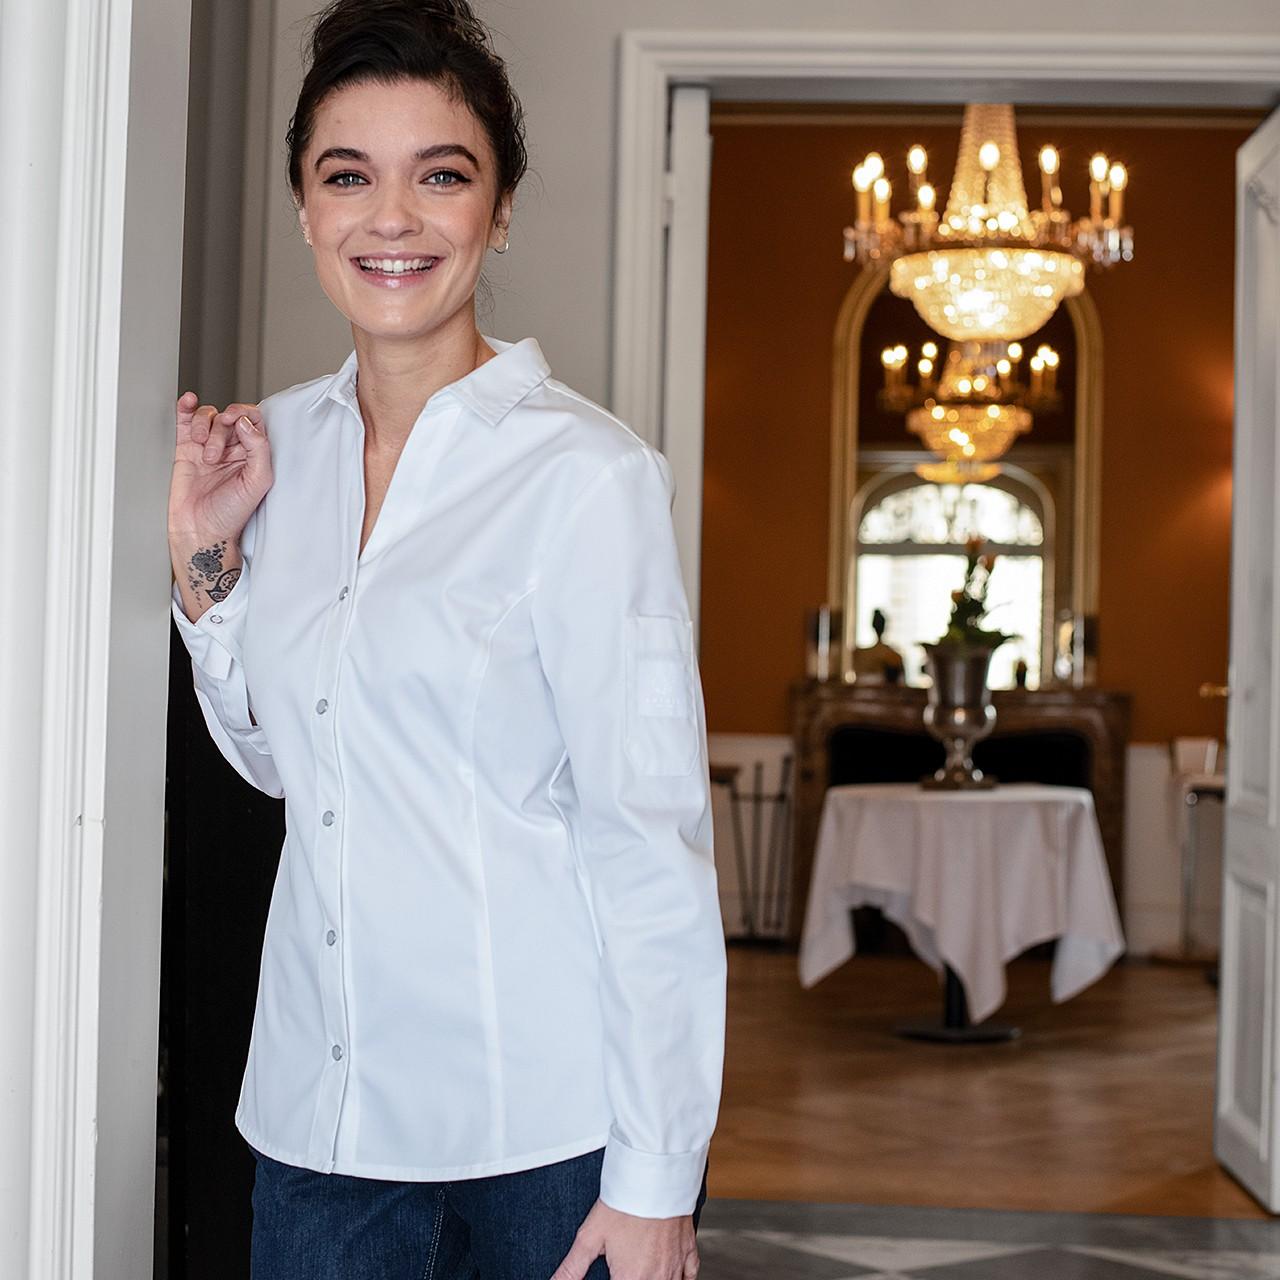 EXQUISIT Damen-Kochbluse mit V-Ausschnitt Greiff®   bedrucken, besticken, bedrucken lassen, besticken lassen, mit Logo  